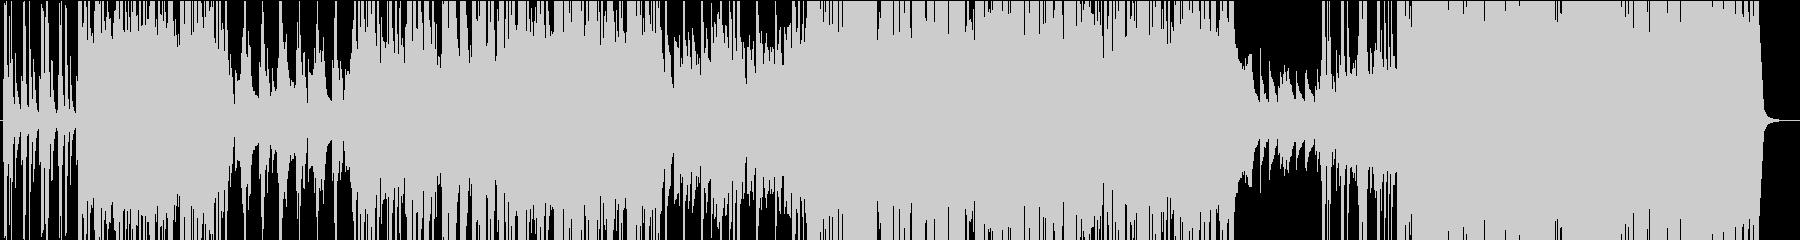 英語ネイティブのミドルテンポピアノロックの未再生の波形